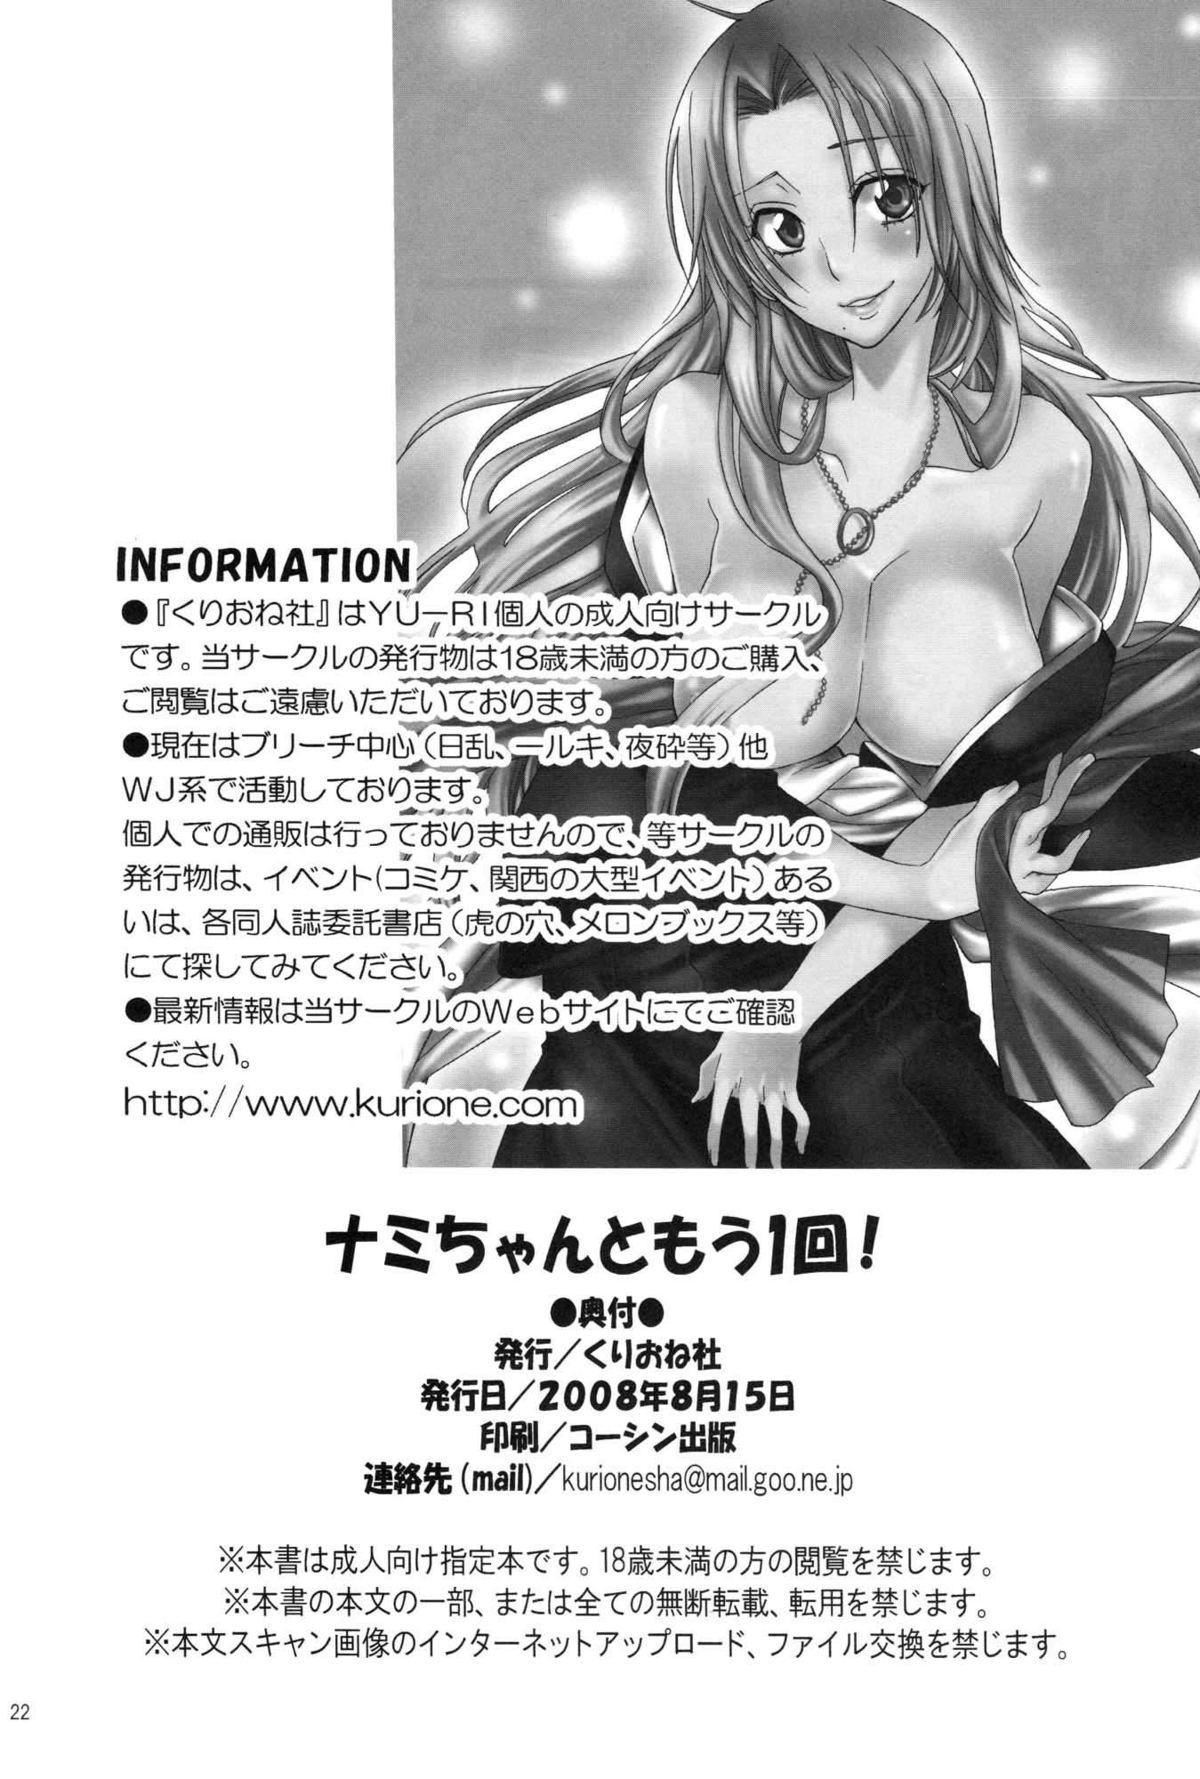 (C74) [Kurione-sha (YU-RI)] Nami-chan to mou 1kai!   Nami-chan in... One More Time! (One Piece) [English] {doujin-moe.us} 20